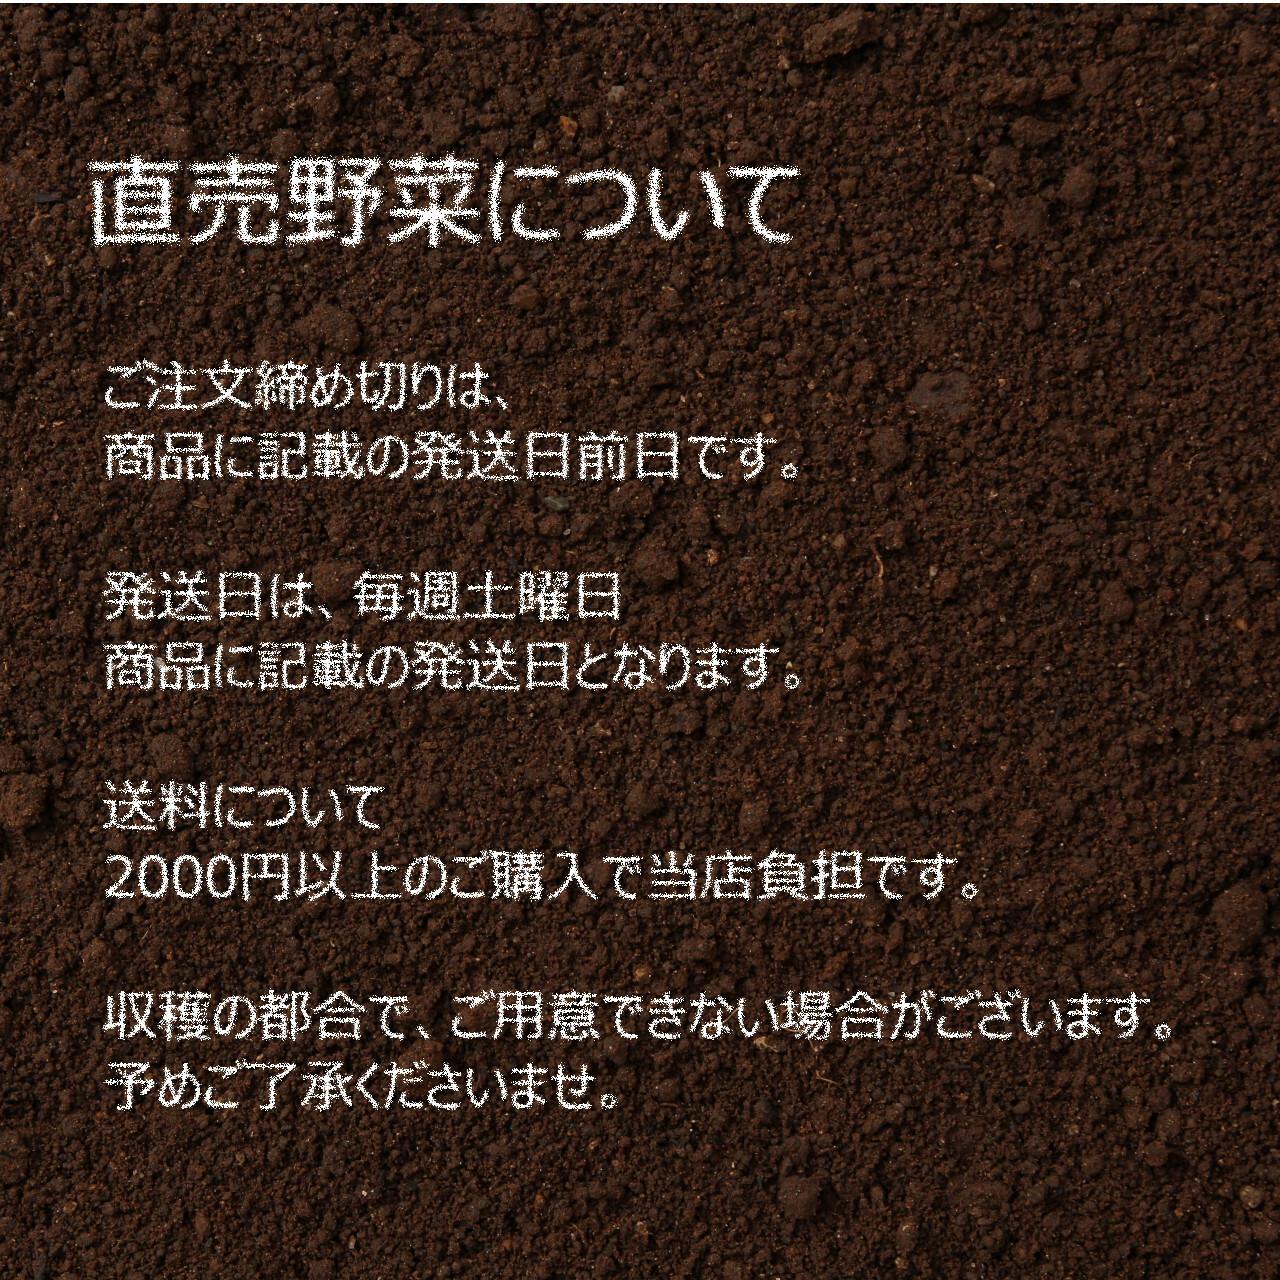 新鮮な秋野菜 : 大葉 約100g 9月の朝採り直売野菜 9月12日発送予定